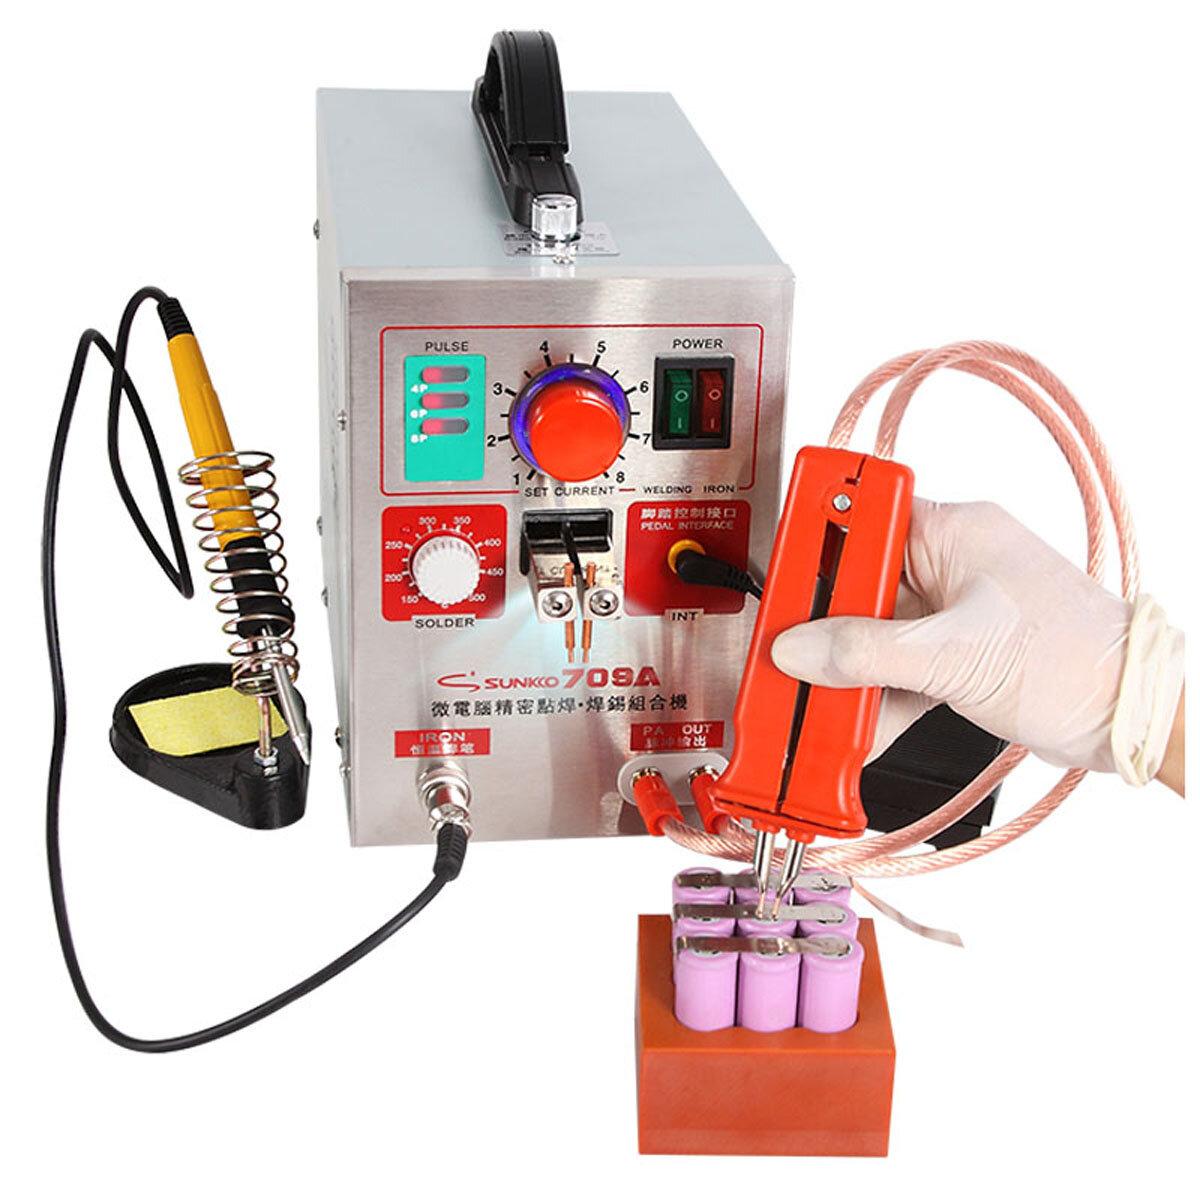 SUNKKO 70 9 ए 1.9 किलोवाट स्पॉट वेल्ड.एर सोल्डरिंग स्टेशन वेल्डिंग मशीन + फोन नोटबुक 18650 लिथियम बैटरी के लिए